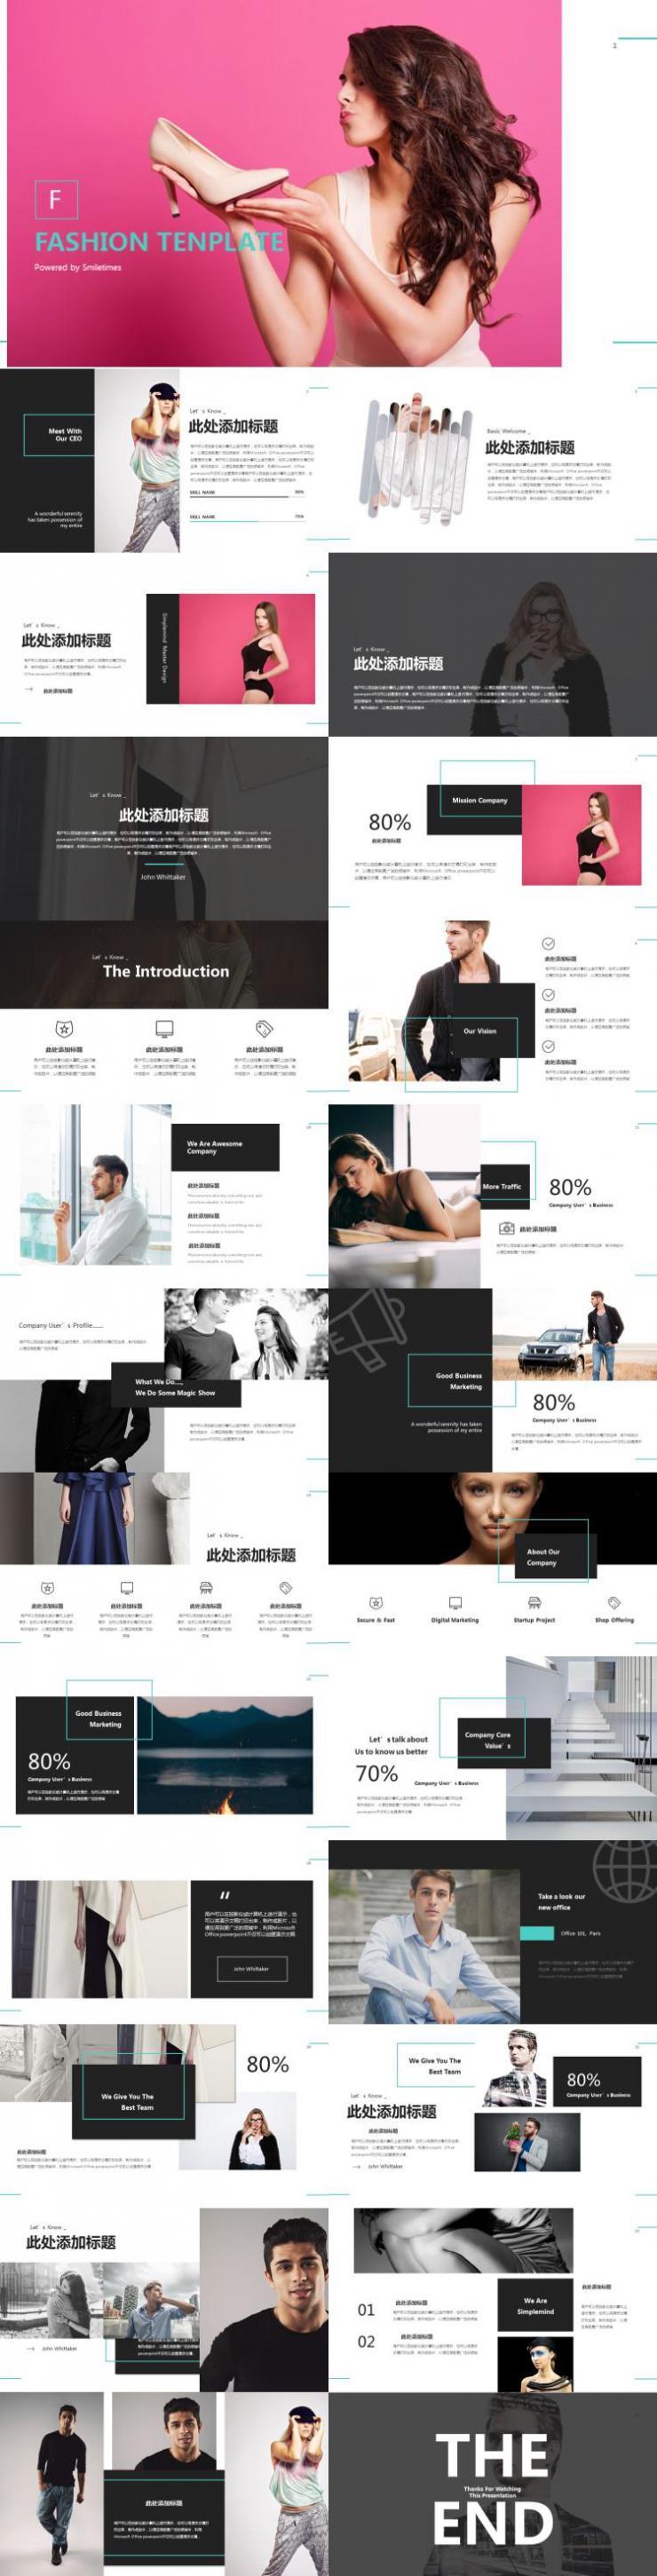 欧美时尚服装产品销售PPT模板